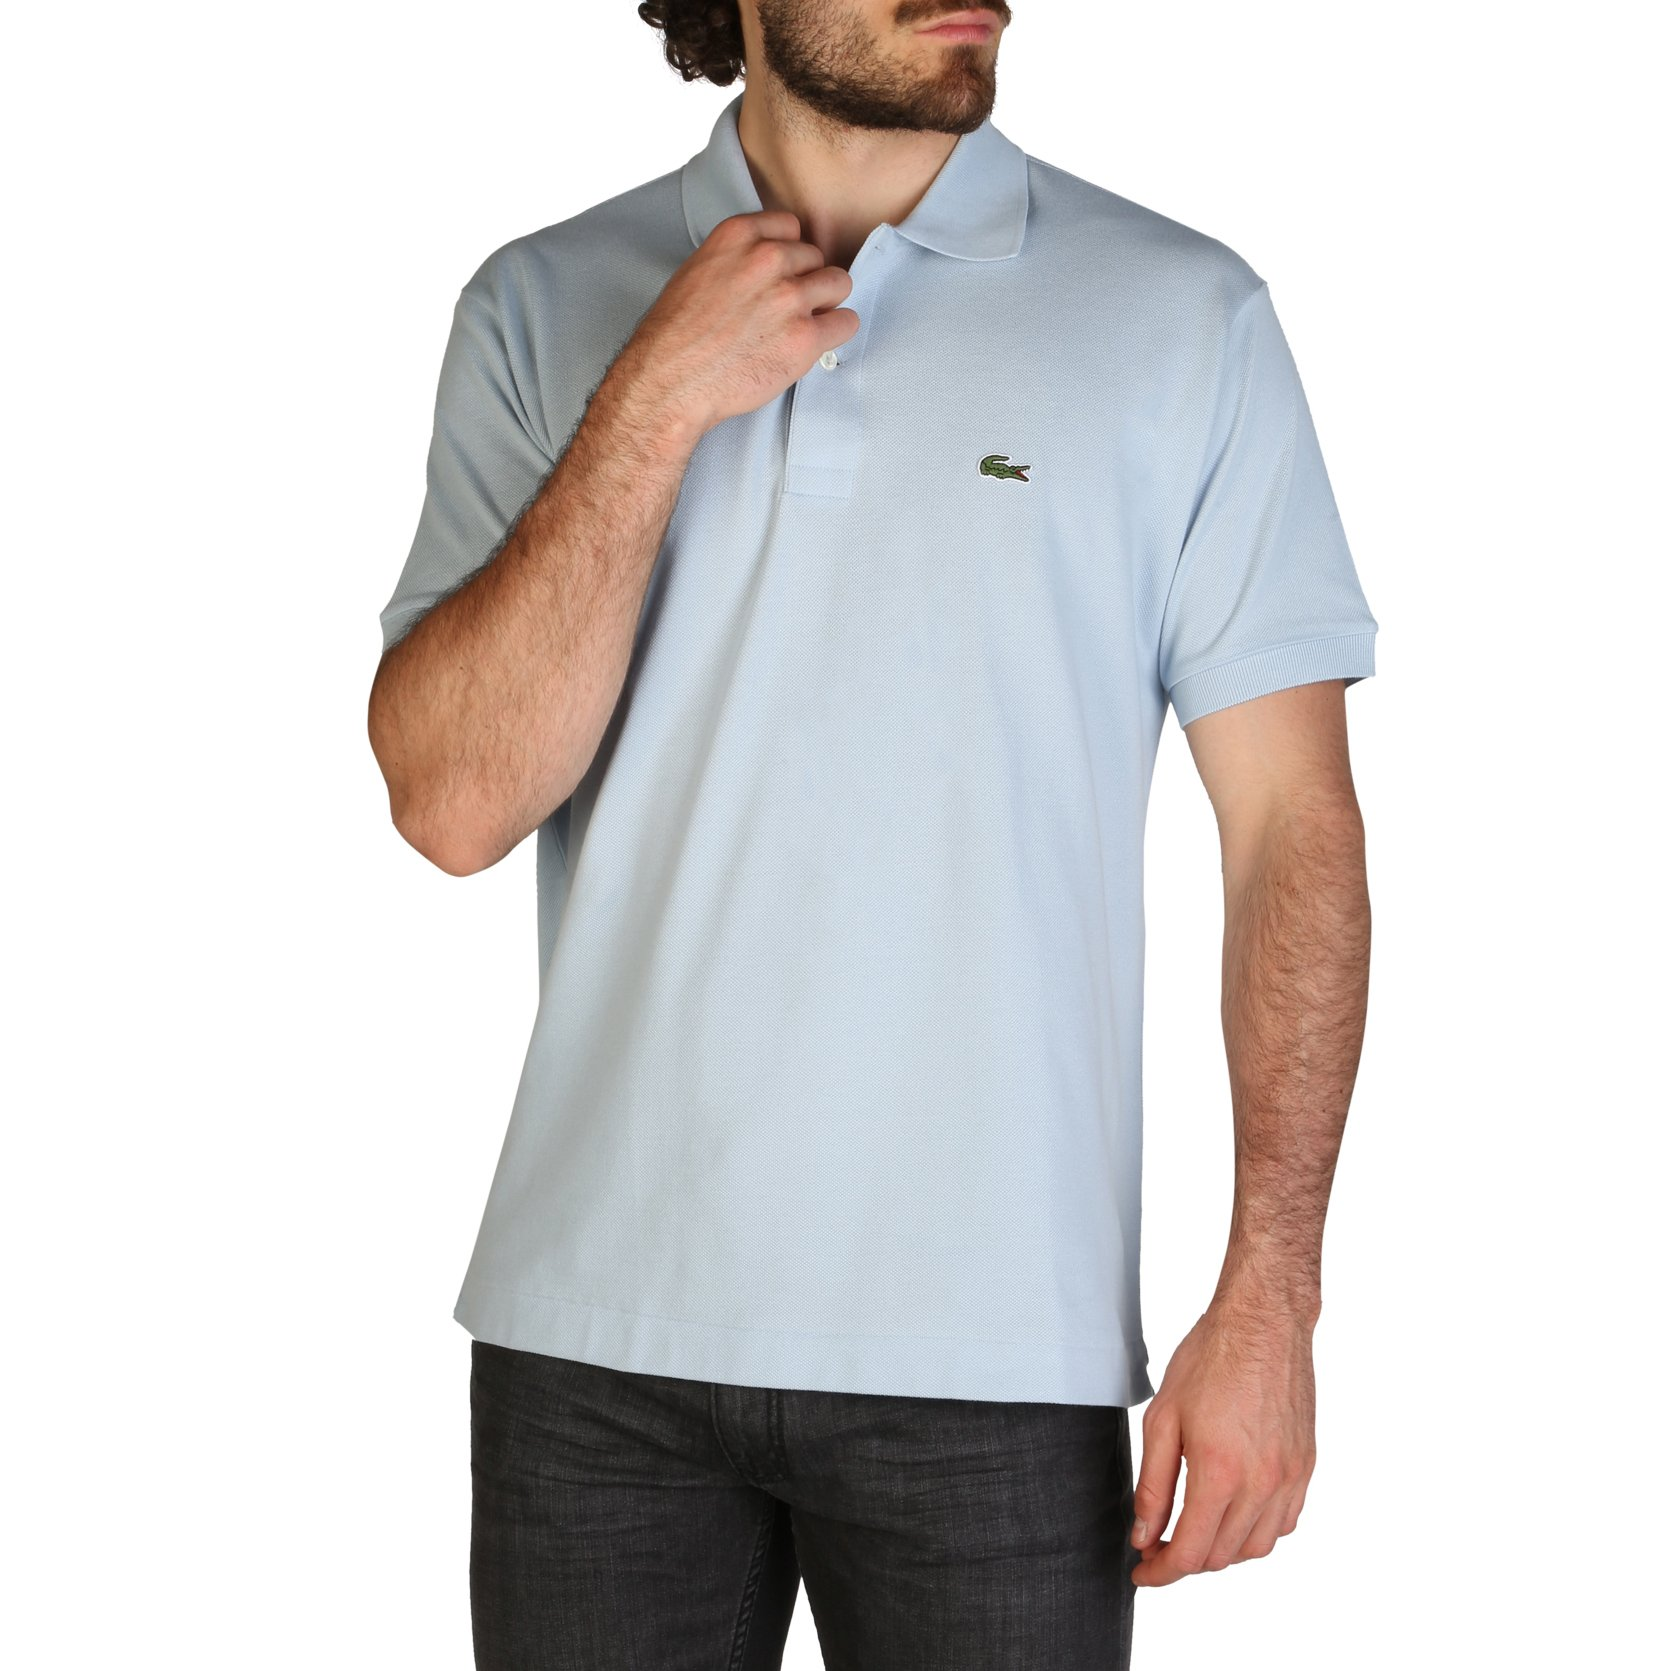 Lacoste Men's Polo Shirt Various Colours L1212_REGULAR - blue-4 S